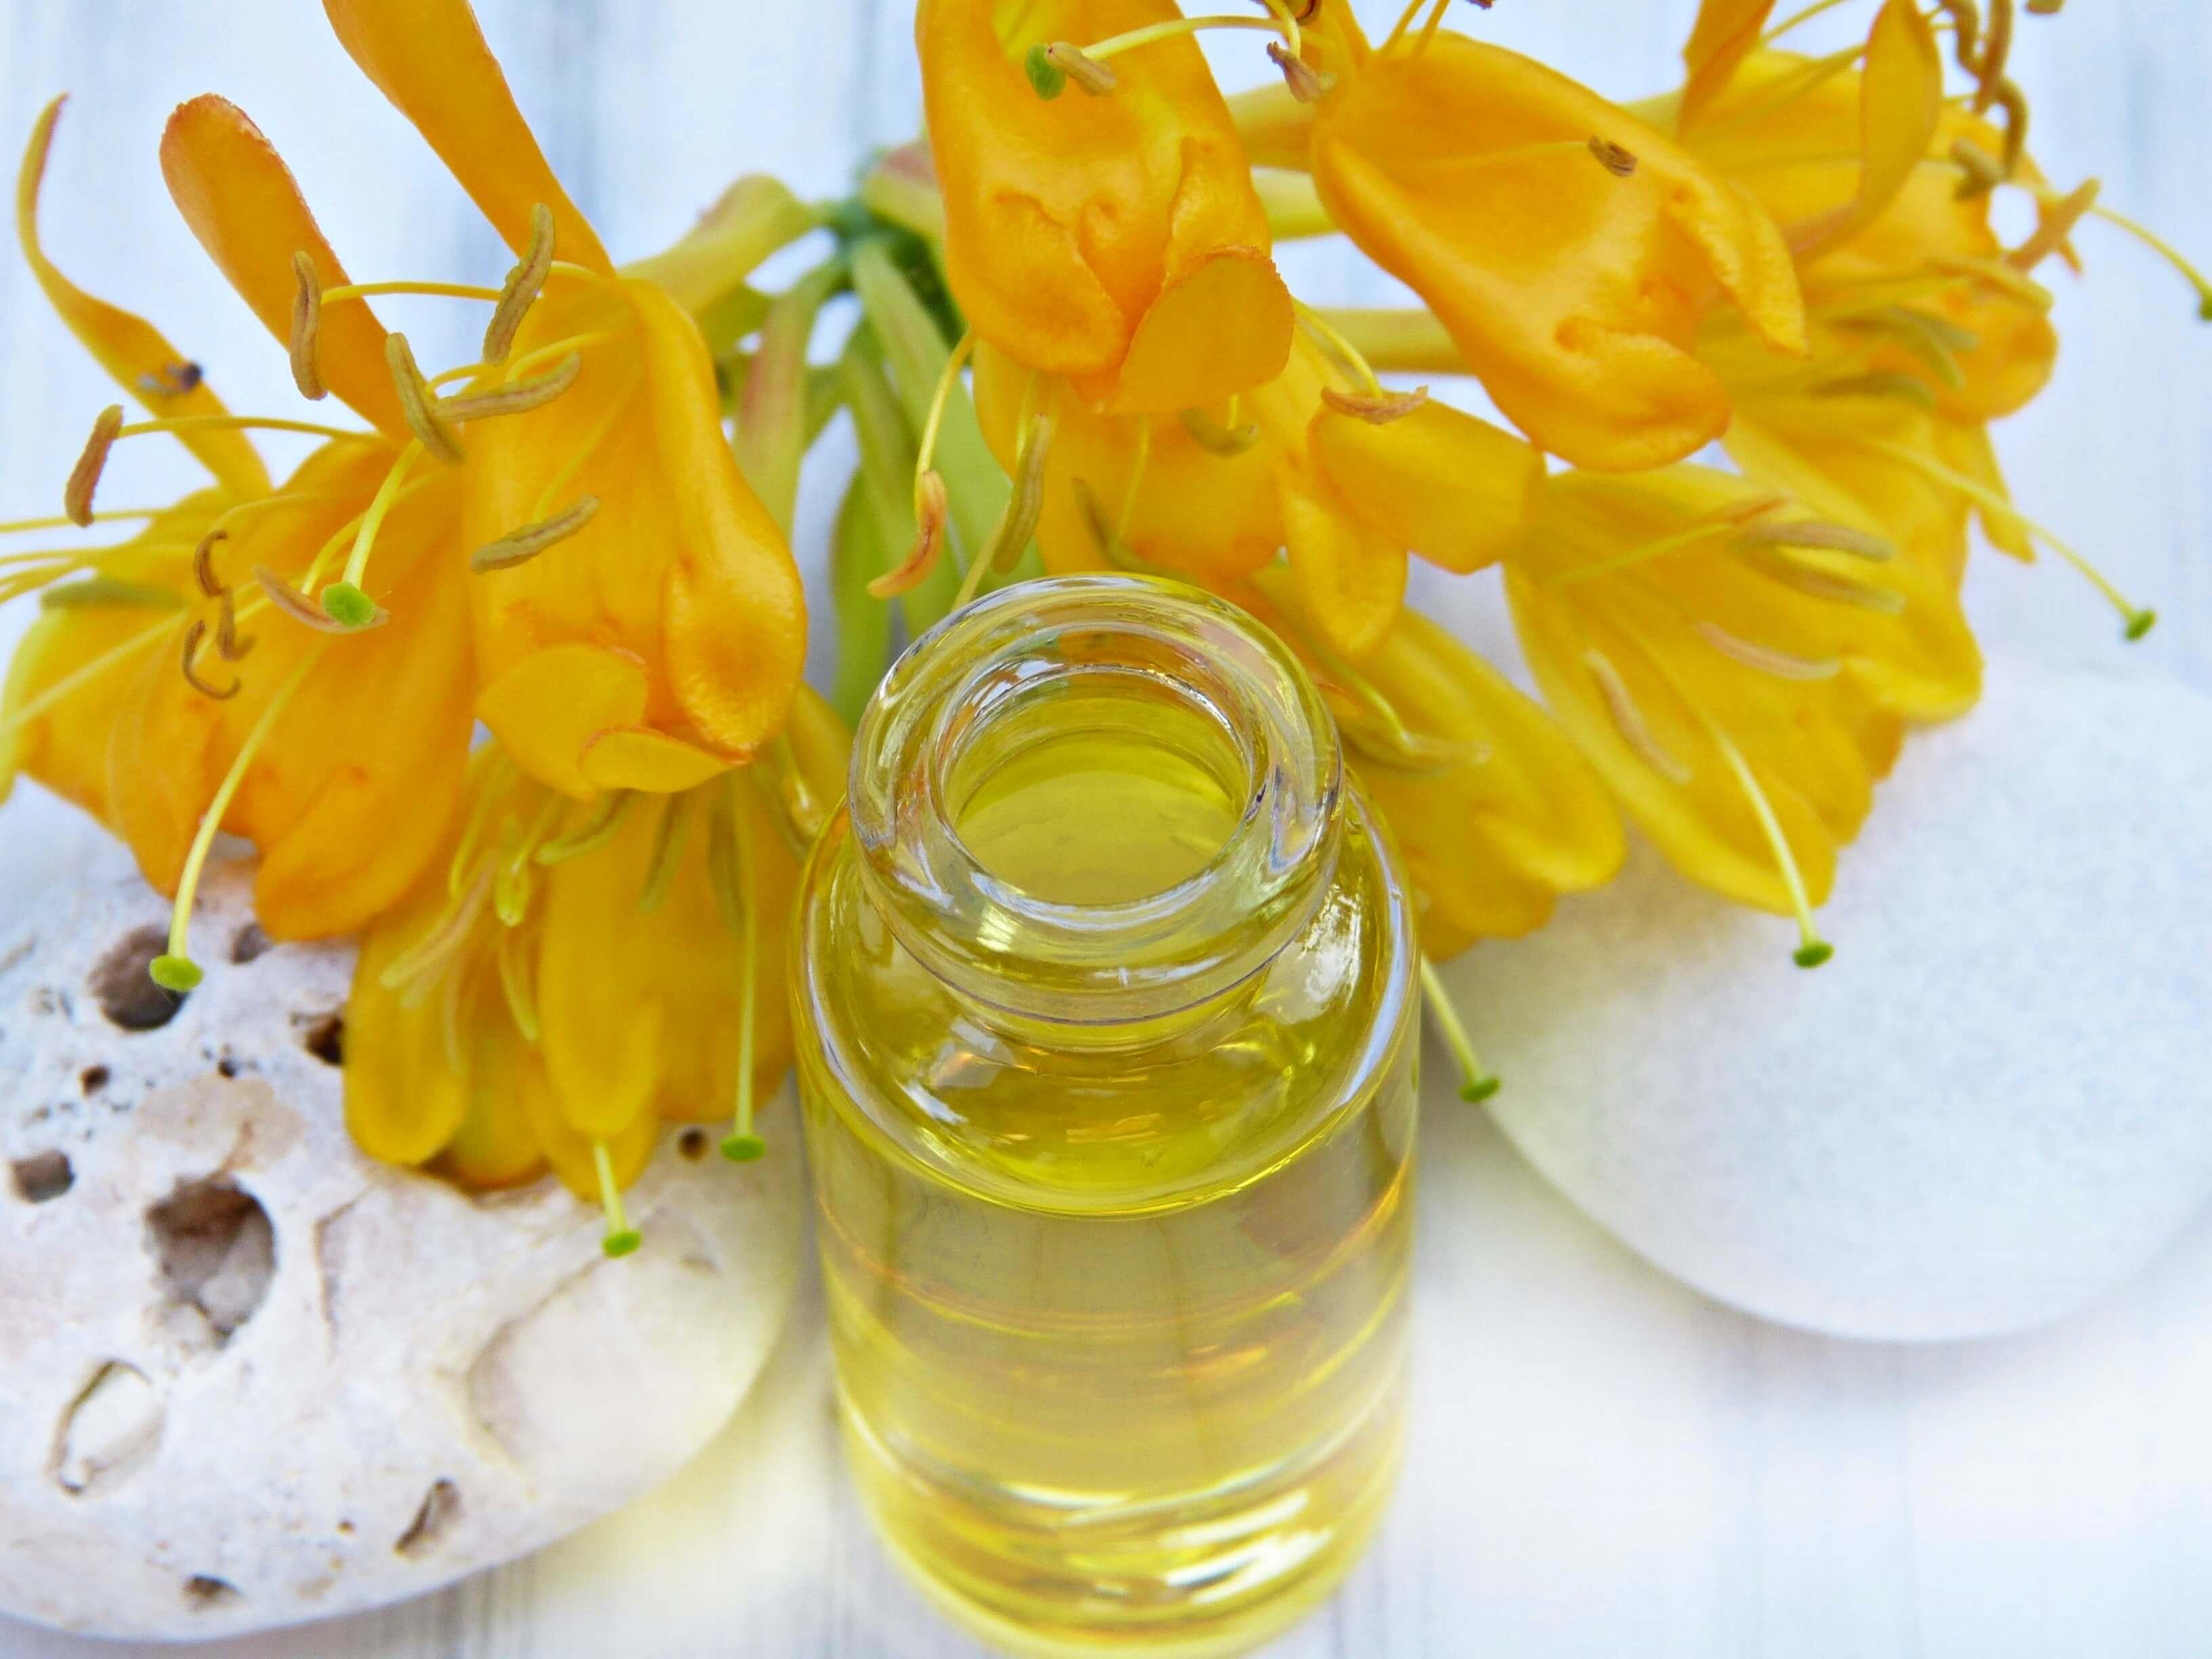 olejek eteryczny do aromaterapii